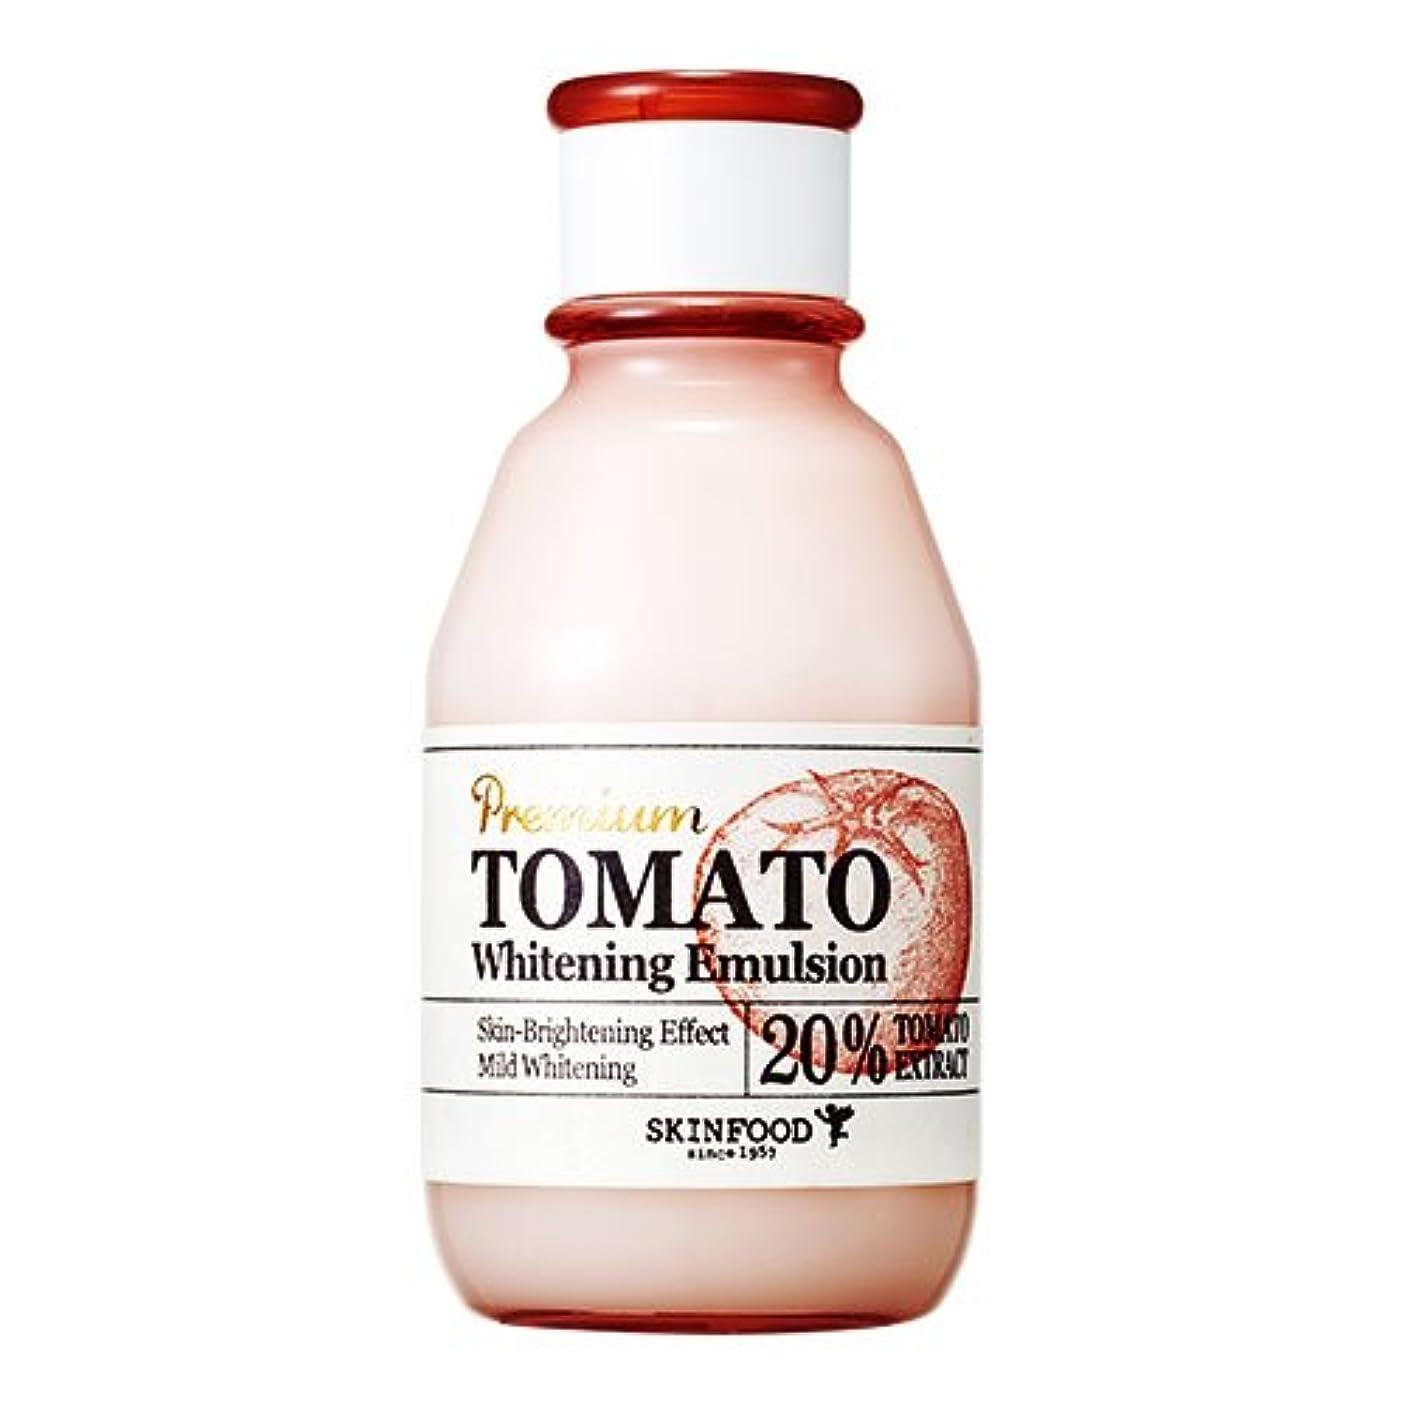 事振り向く微視的[スキンフード] SKINFOOD プレミアムトマトホワイトニングエマルジョン Premium Tomato Whitening Emulsion (海外直送品) [並行輸入品]